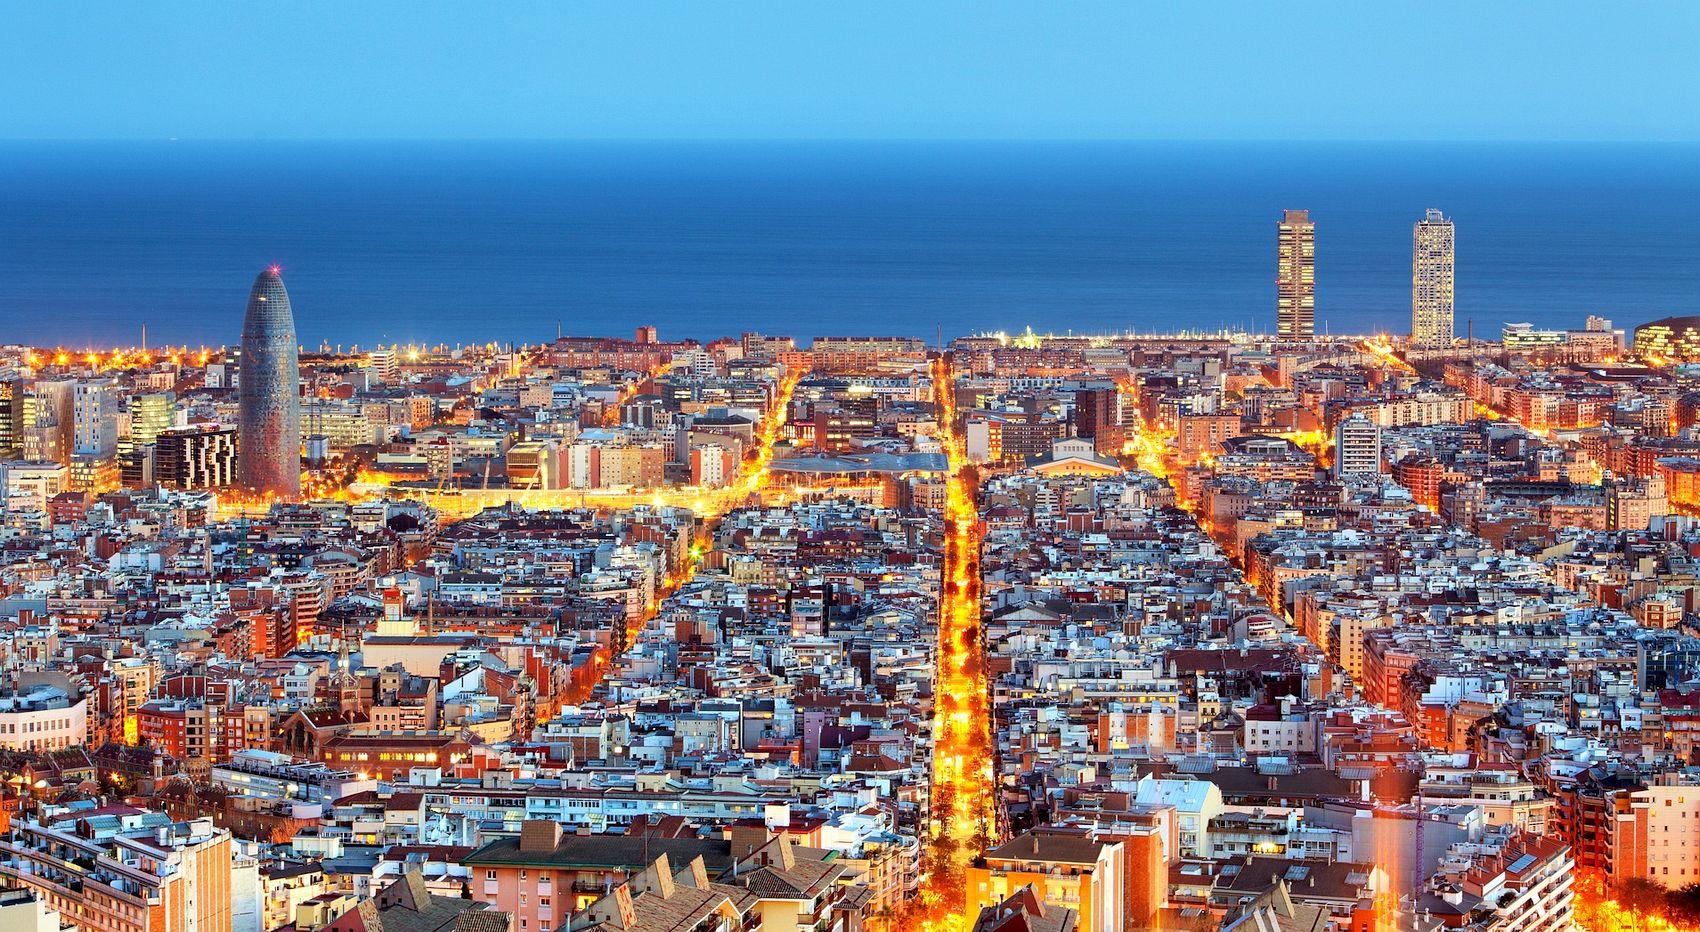 VII SWM in Barcelona